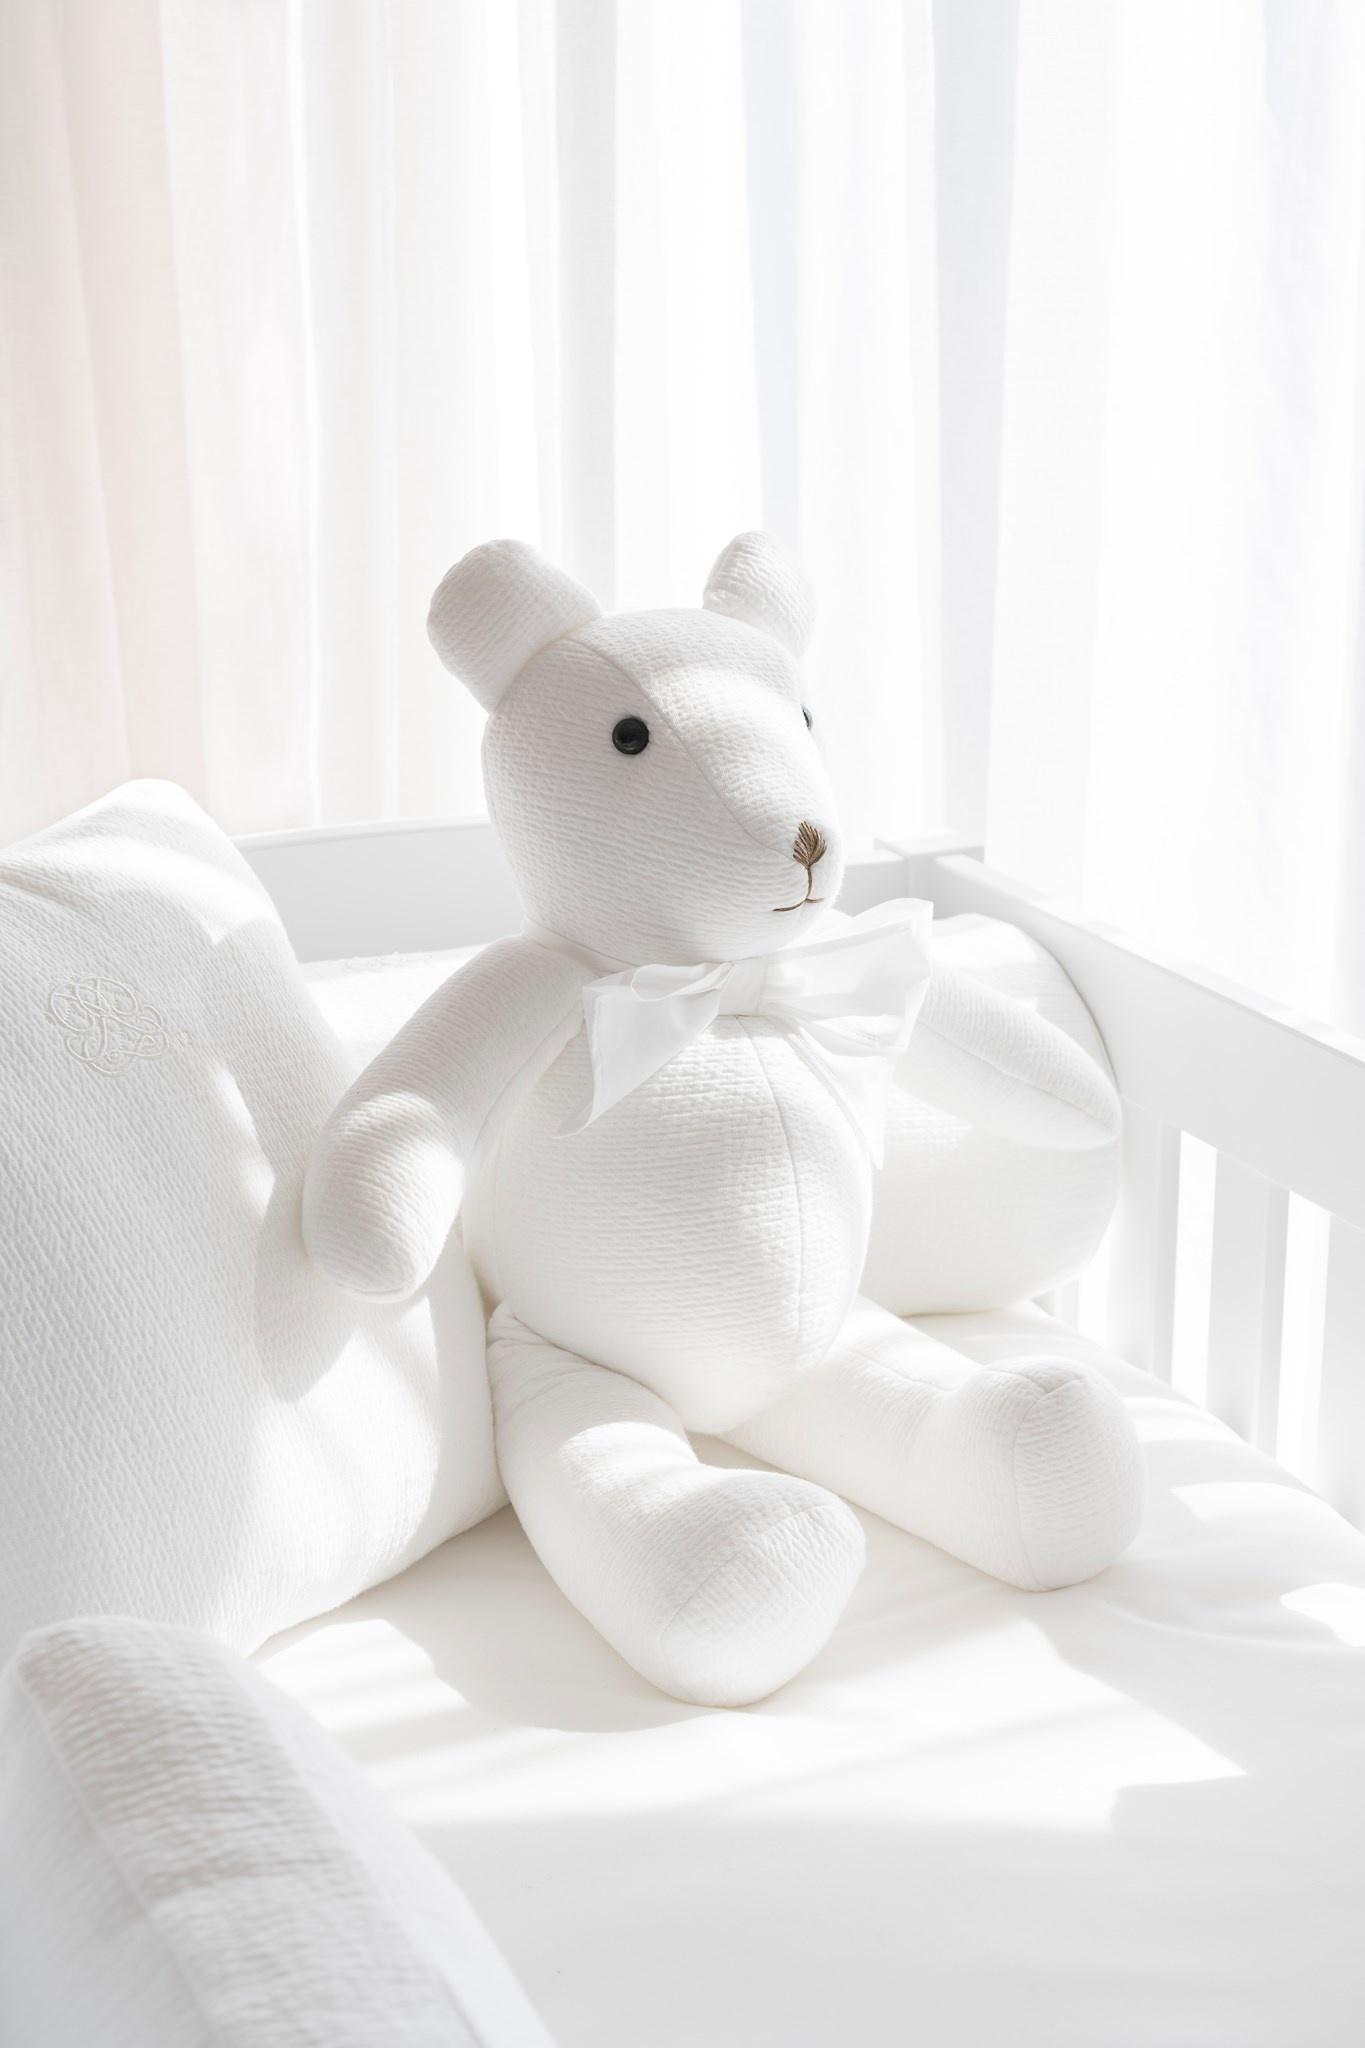 Dekoration Bär Cotton white Theophile & Patachou-2